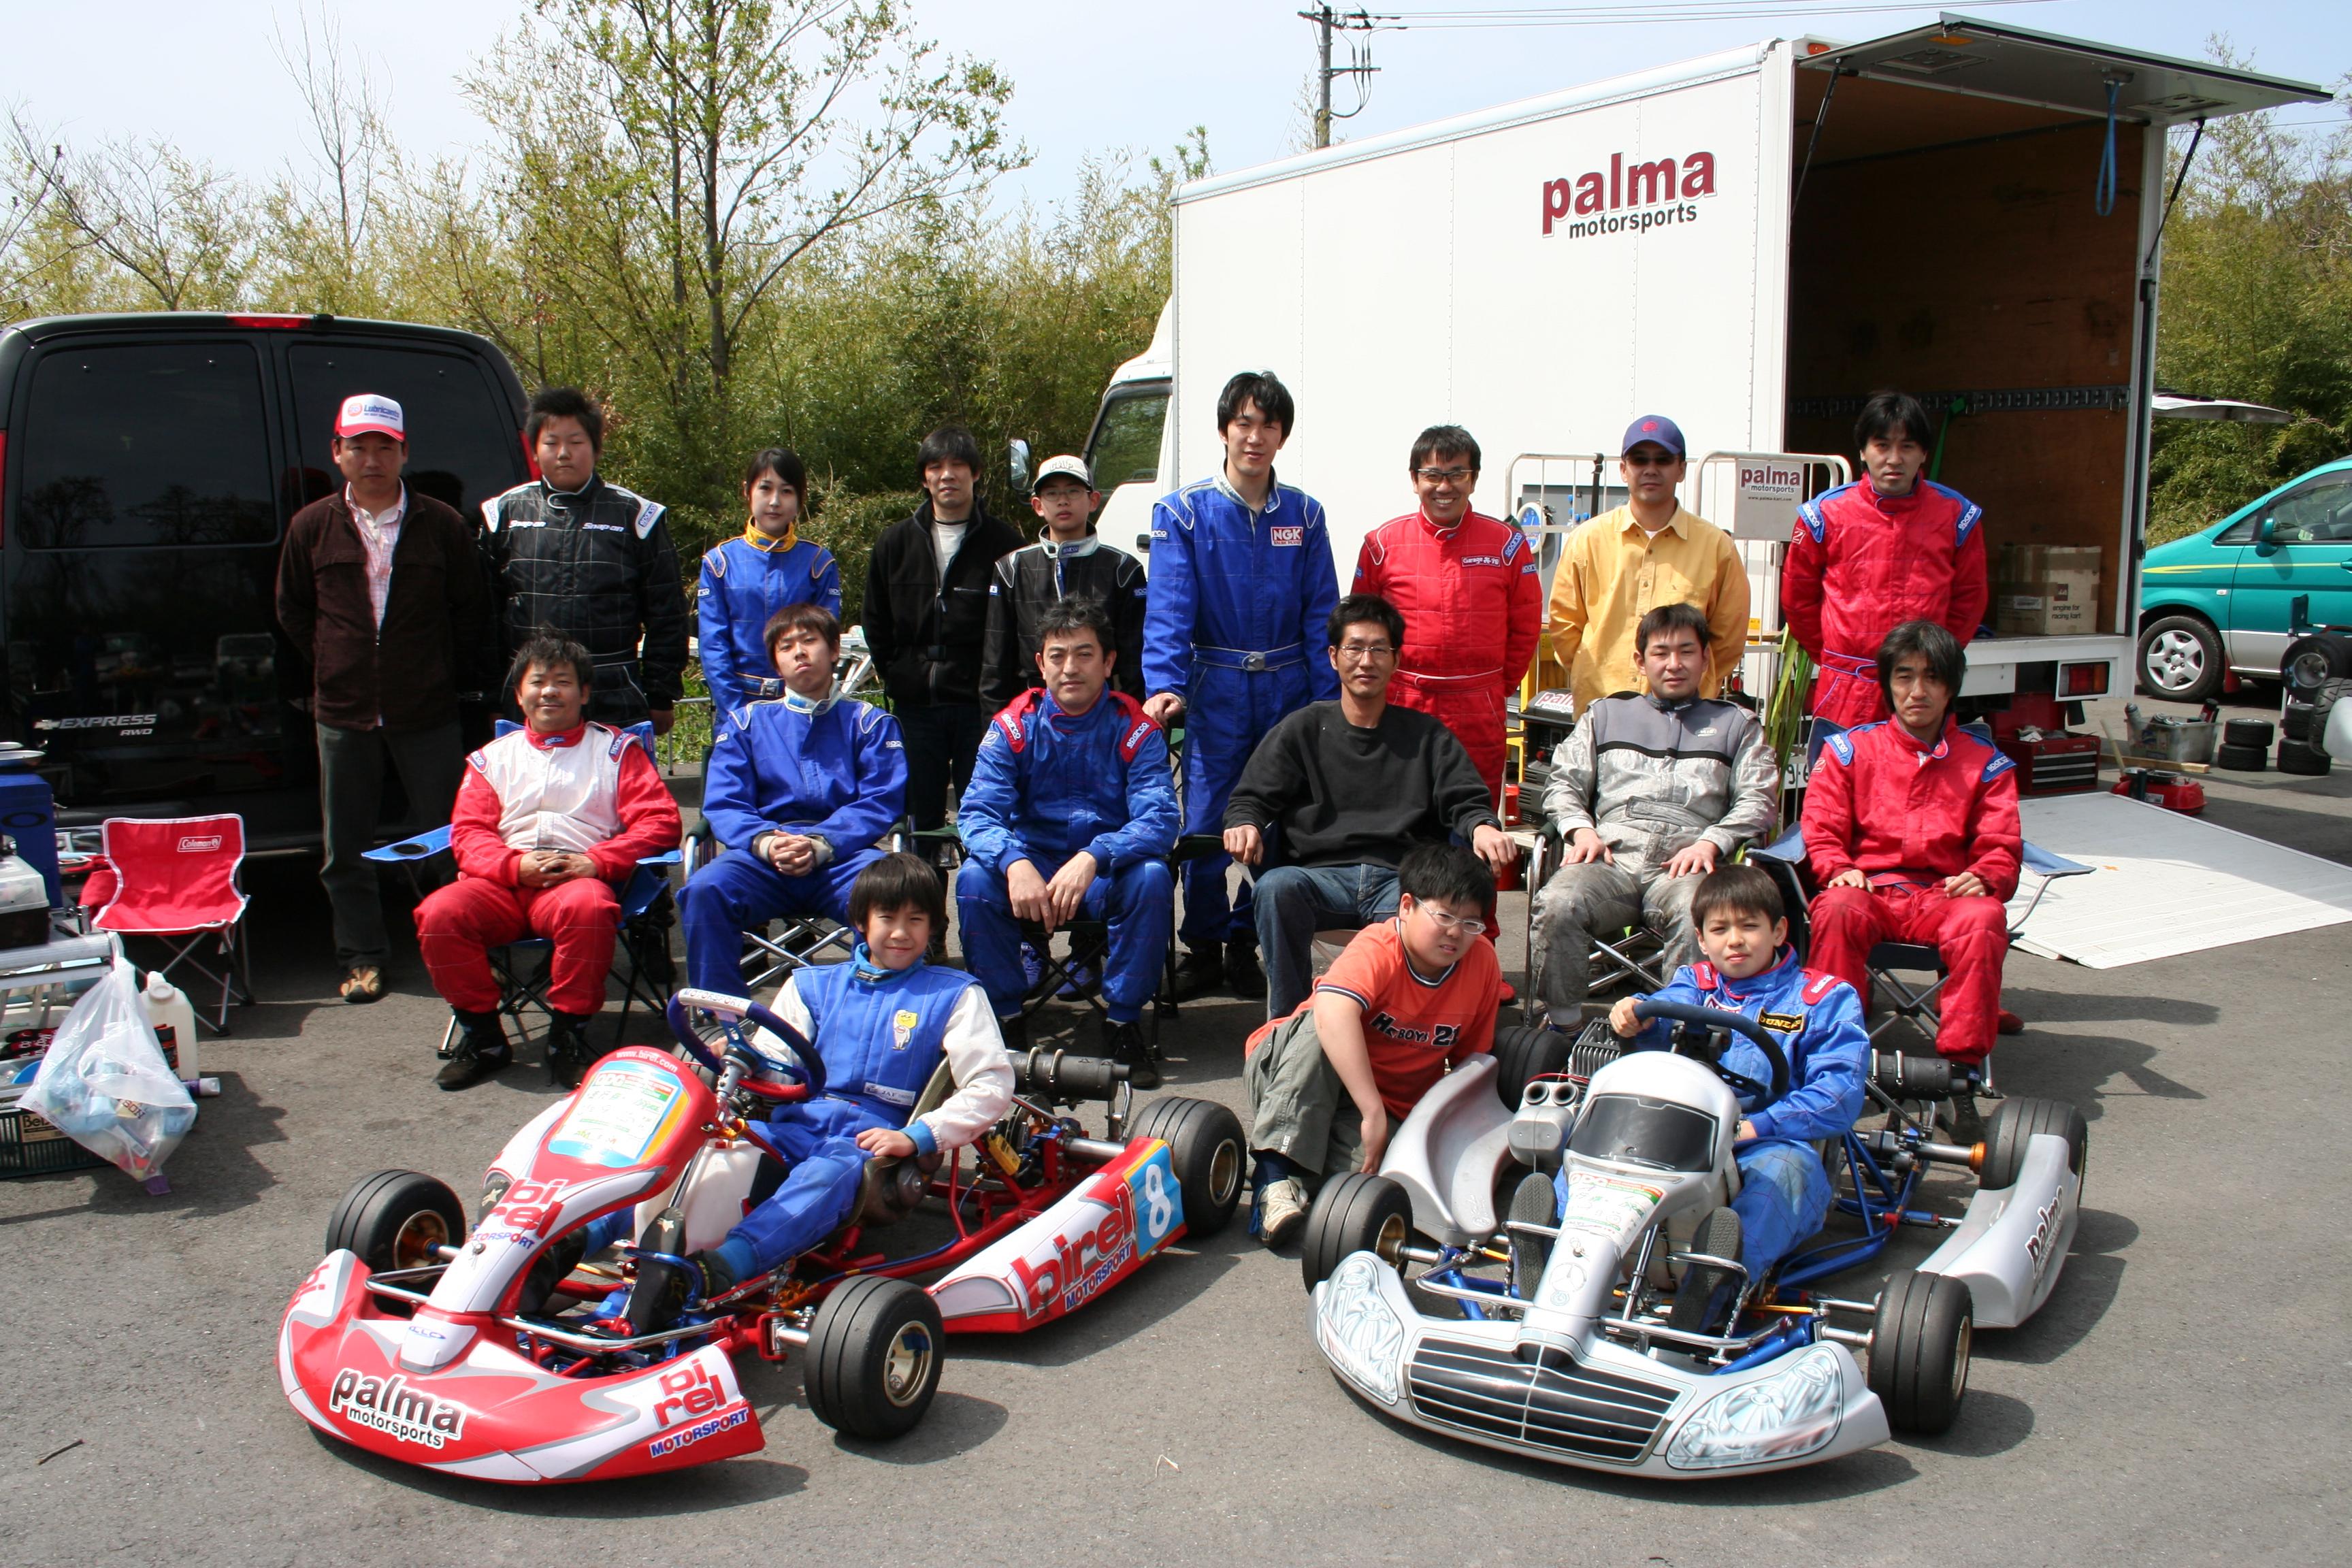 kanai_race_team_palma